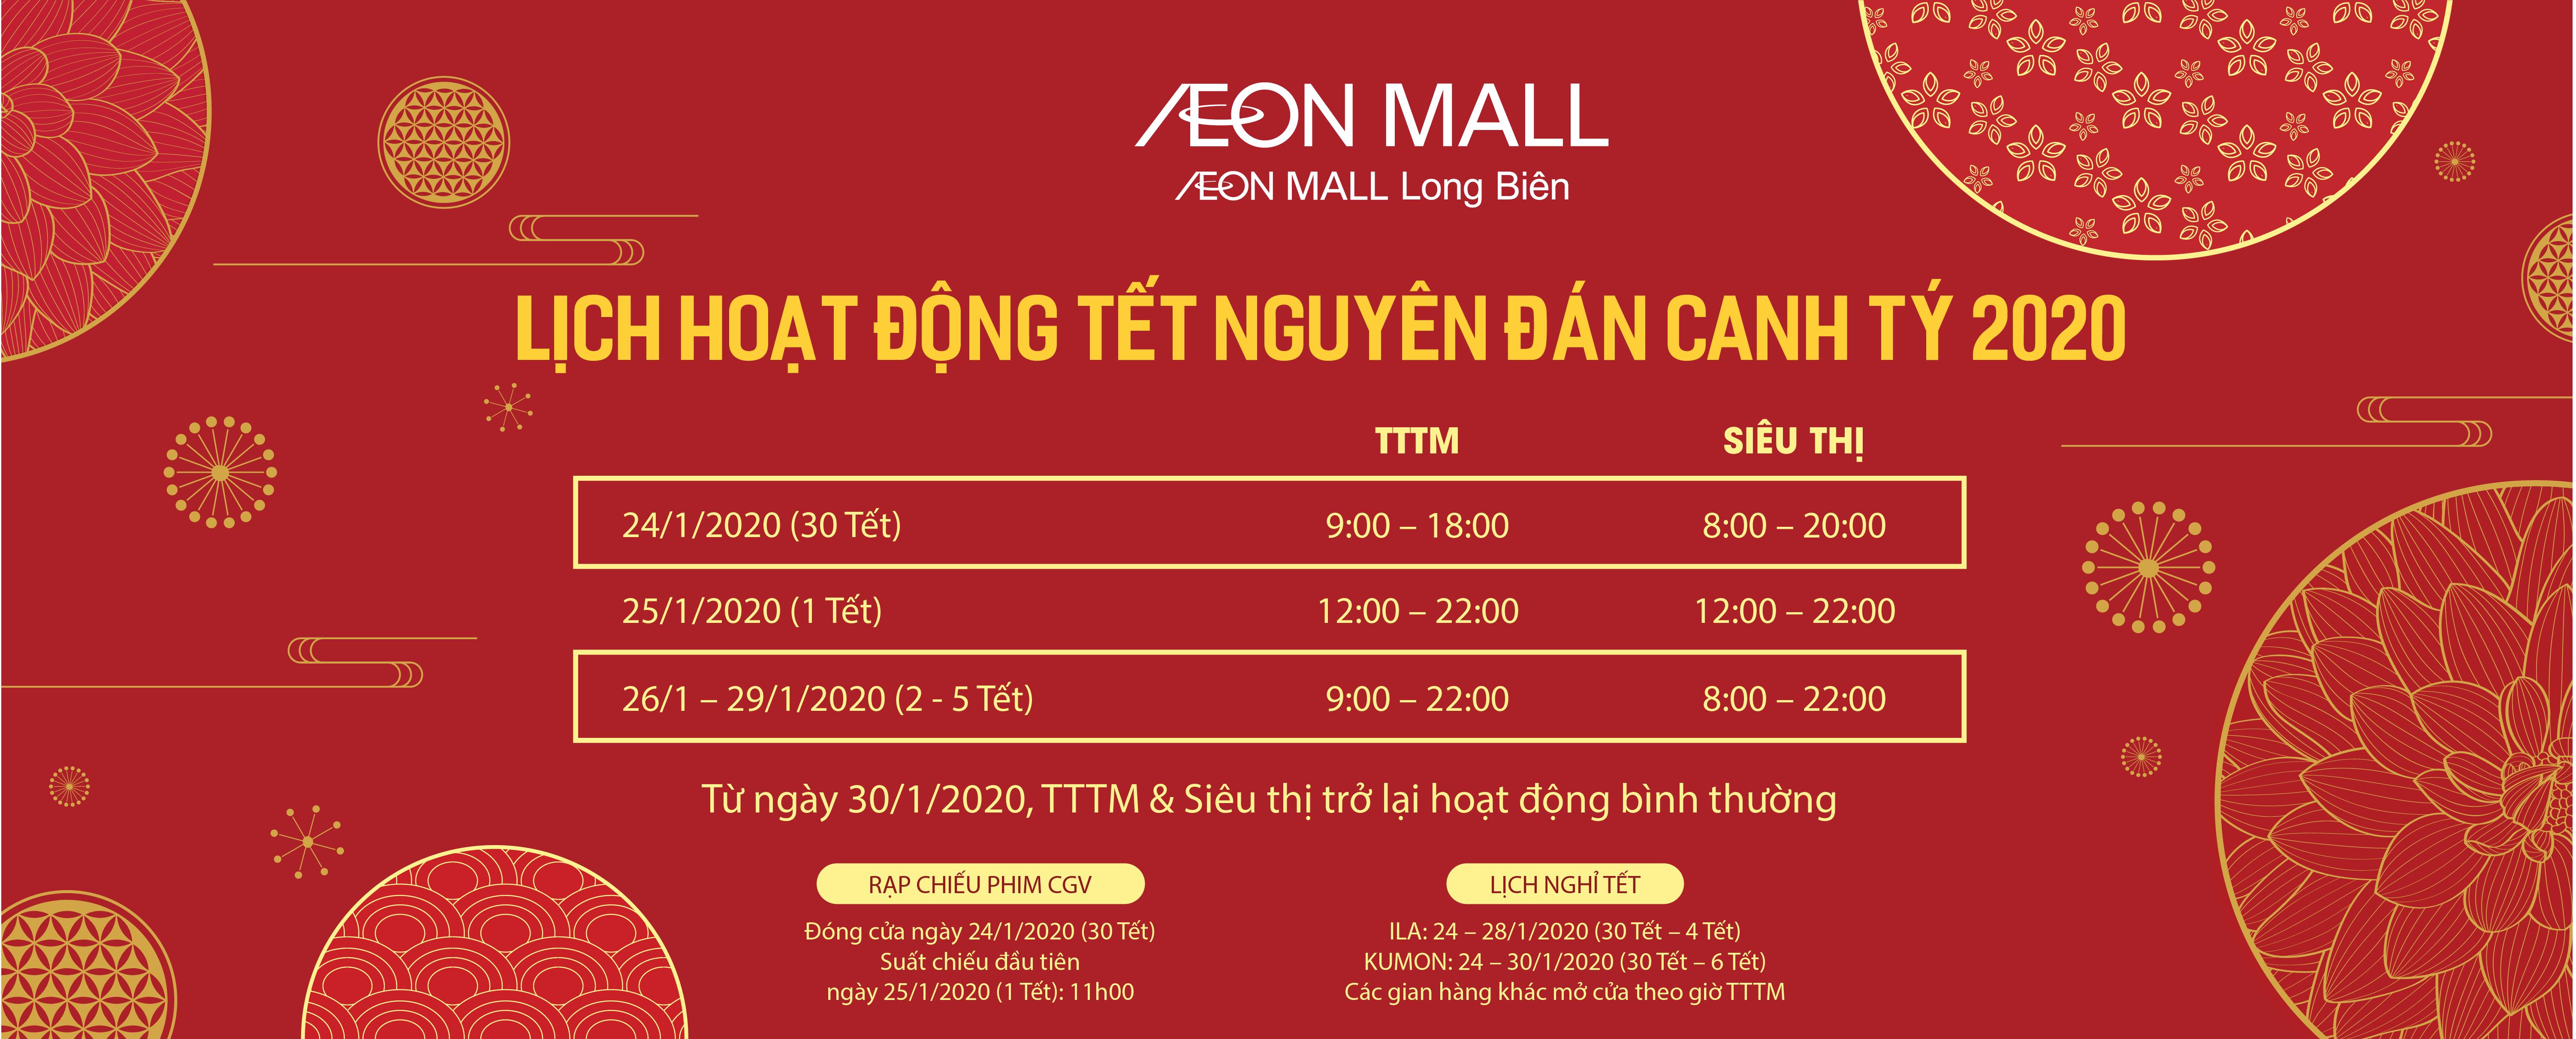 AEON MALL Long Biên thông báo giờ mở cửa Tết Nguyên Đán 2020